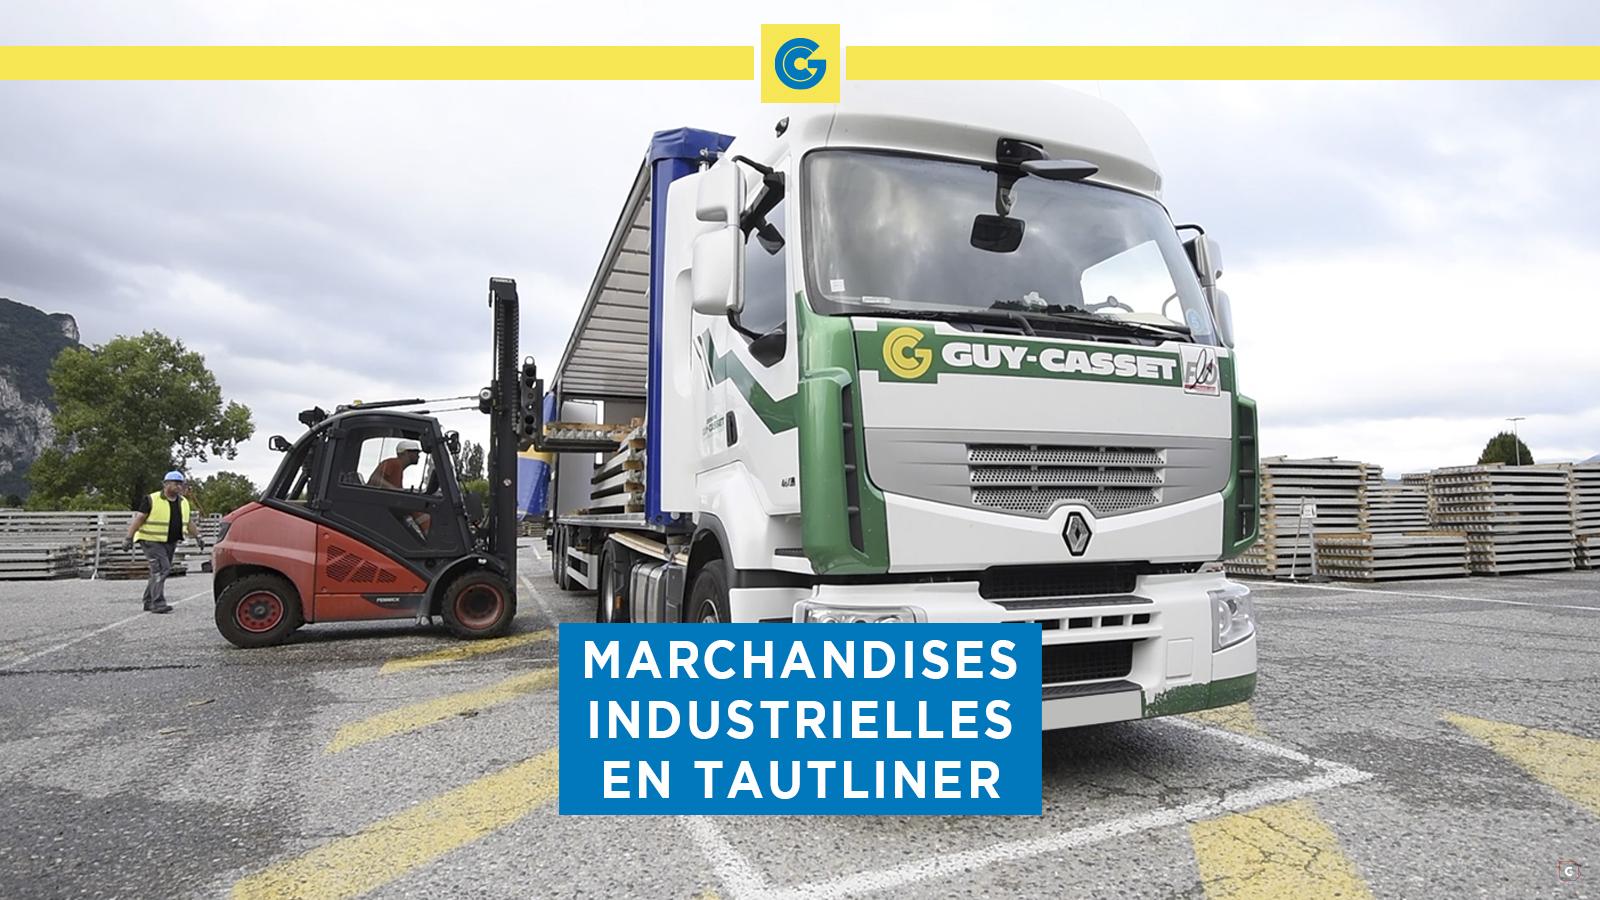 Transport de marchandises industrielles en Tautliner